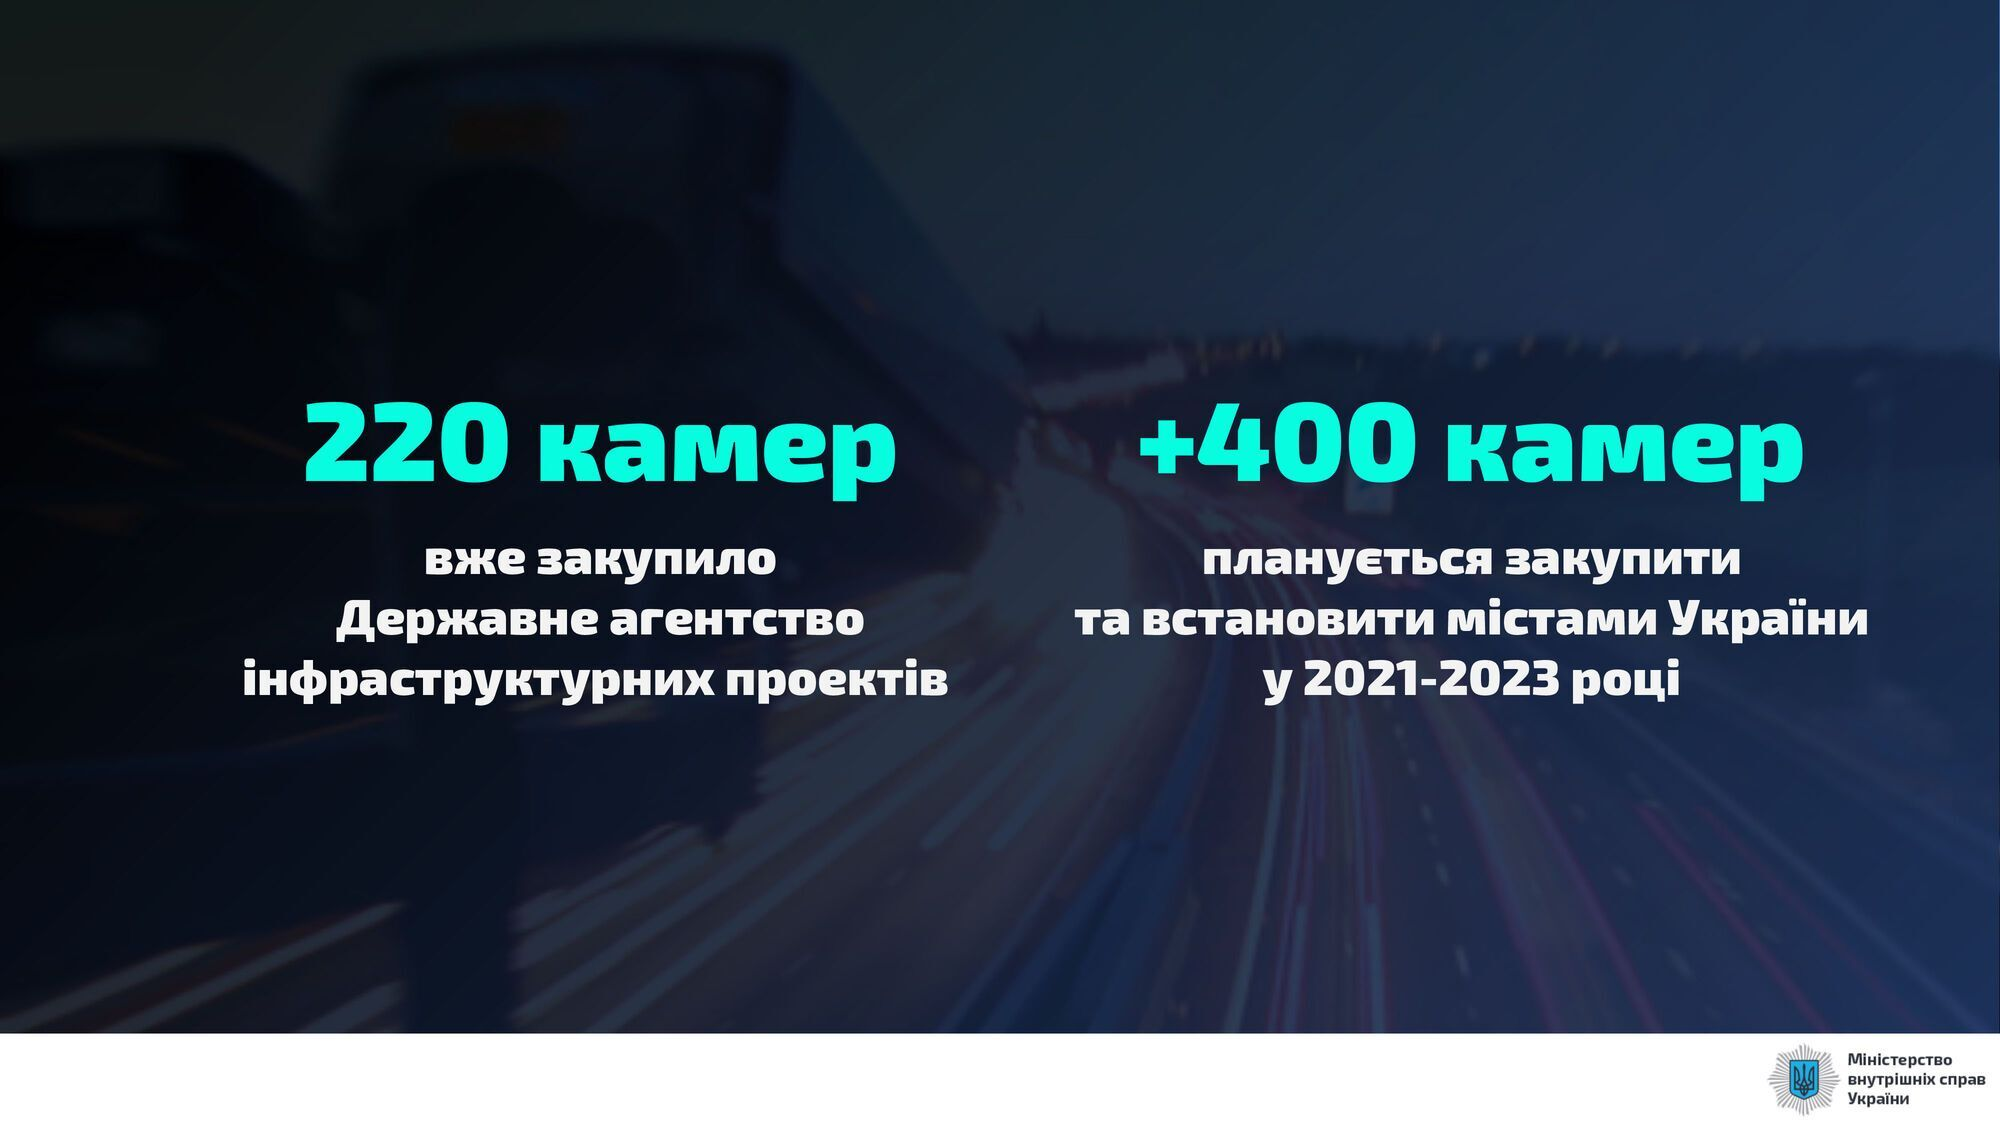 В 2021 году на дорогах государственного значения Украины планируют установить еще 220 новых автосистем фото- и видеофиксации ПДД.